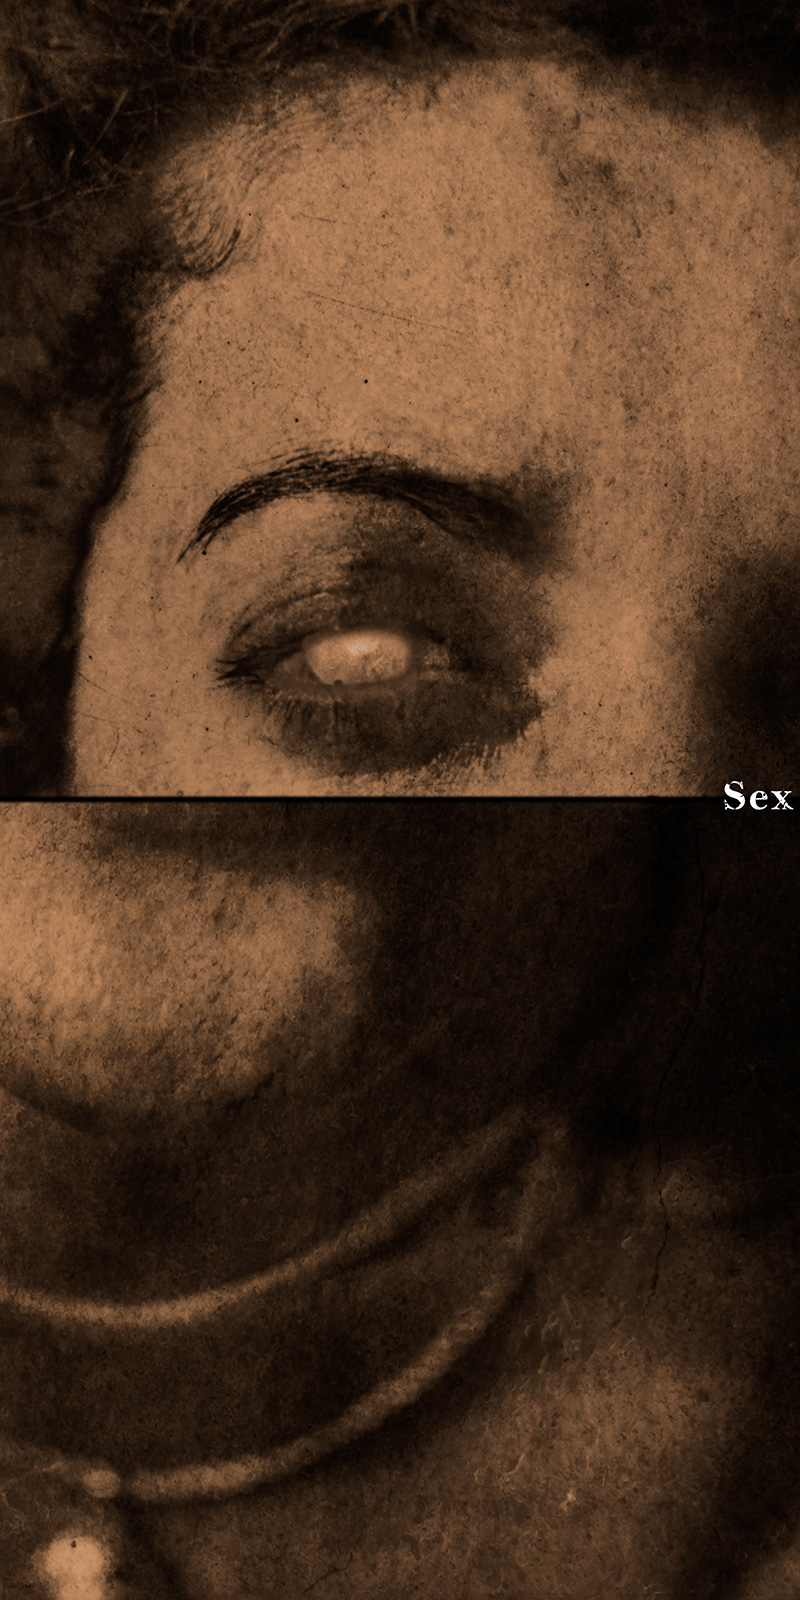 Frances (Sex)  2012 Archival pigment print 190 H x 95 W cm / 75 x 37.5 in